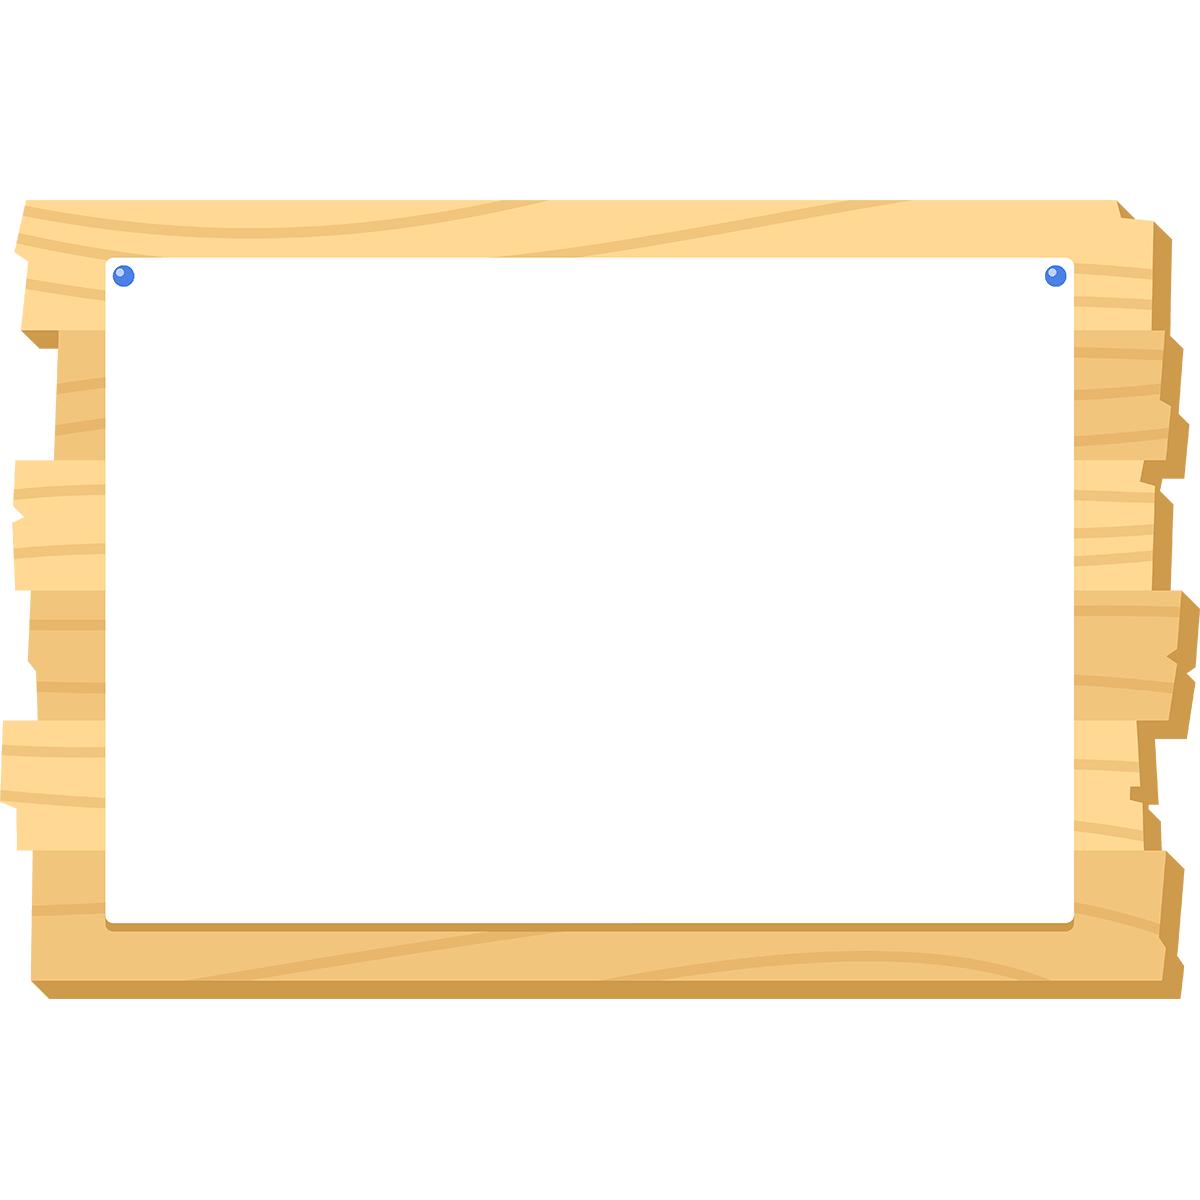 木の掲示板(紙)の無料イラスト